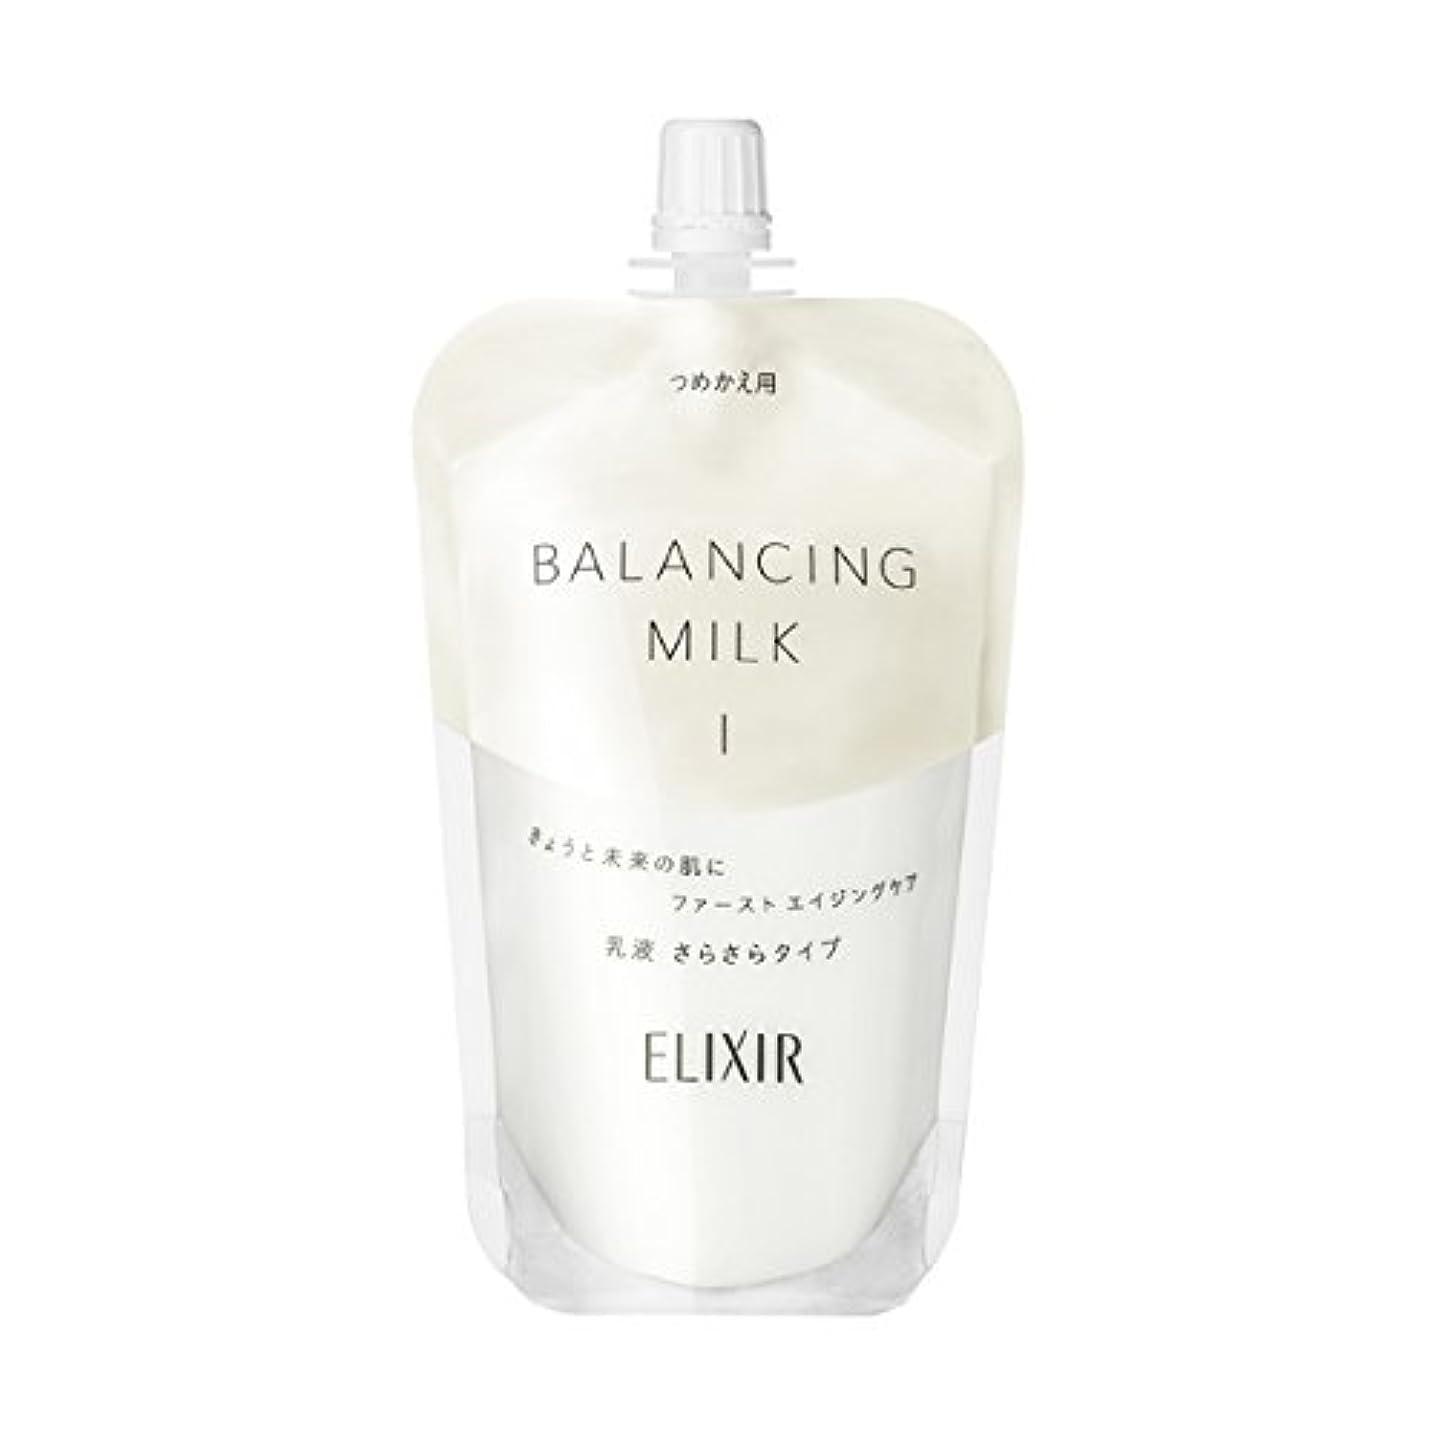 船単に説明エリクシール ルフレ バランシング ミルク 乳液 1 (さらさらタイプ) (つめかえ用) 110mL